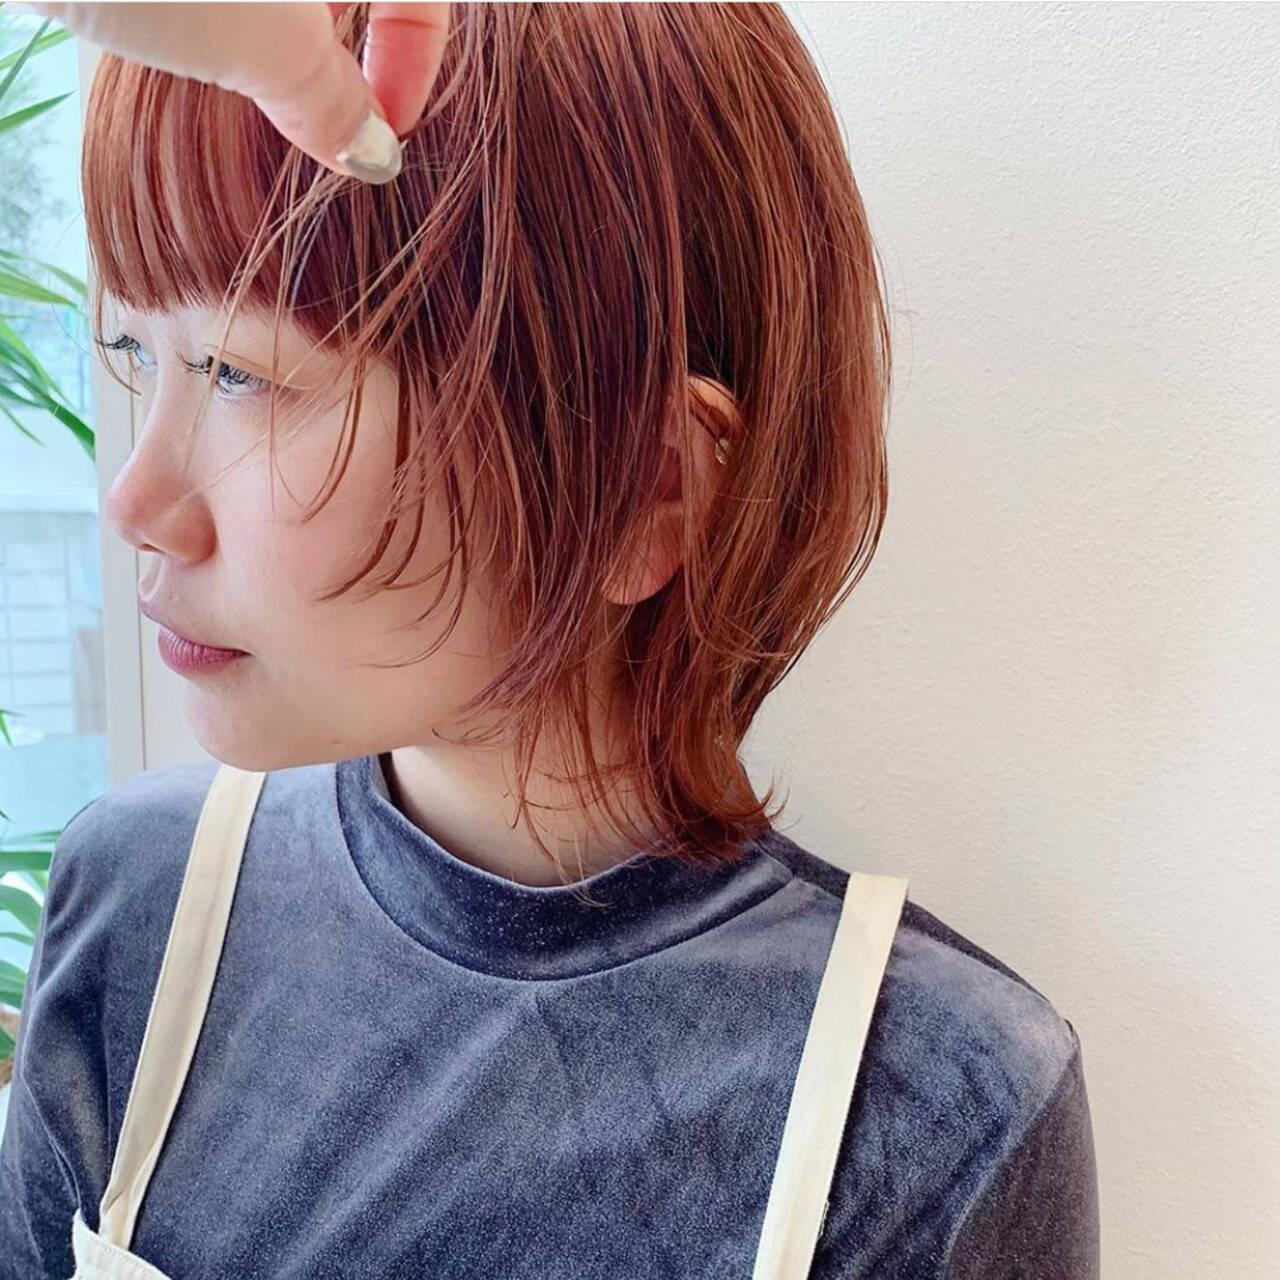 ウルフ ナチュラル ウルフカット ショートヘアスタイルや髪型の写真・画像